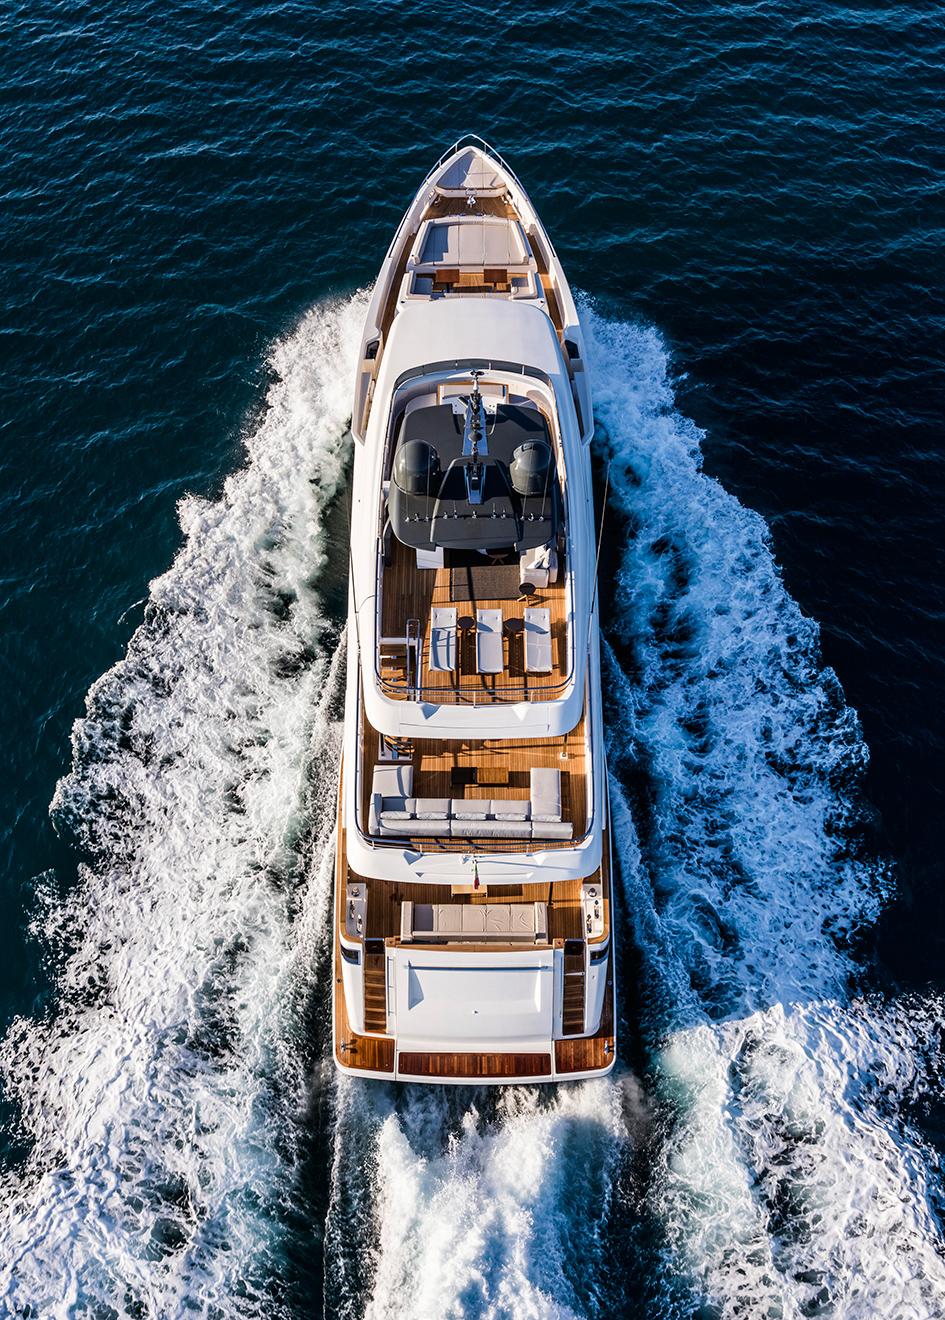 heli-view-of-the-custom-line-navetta-37-superyacht